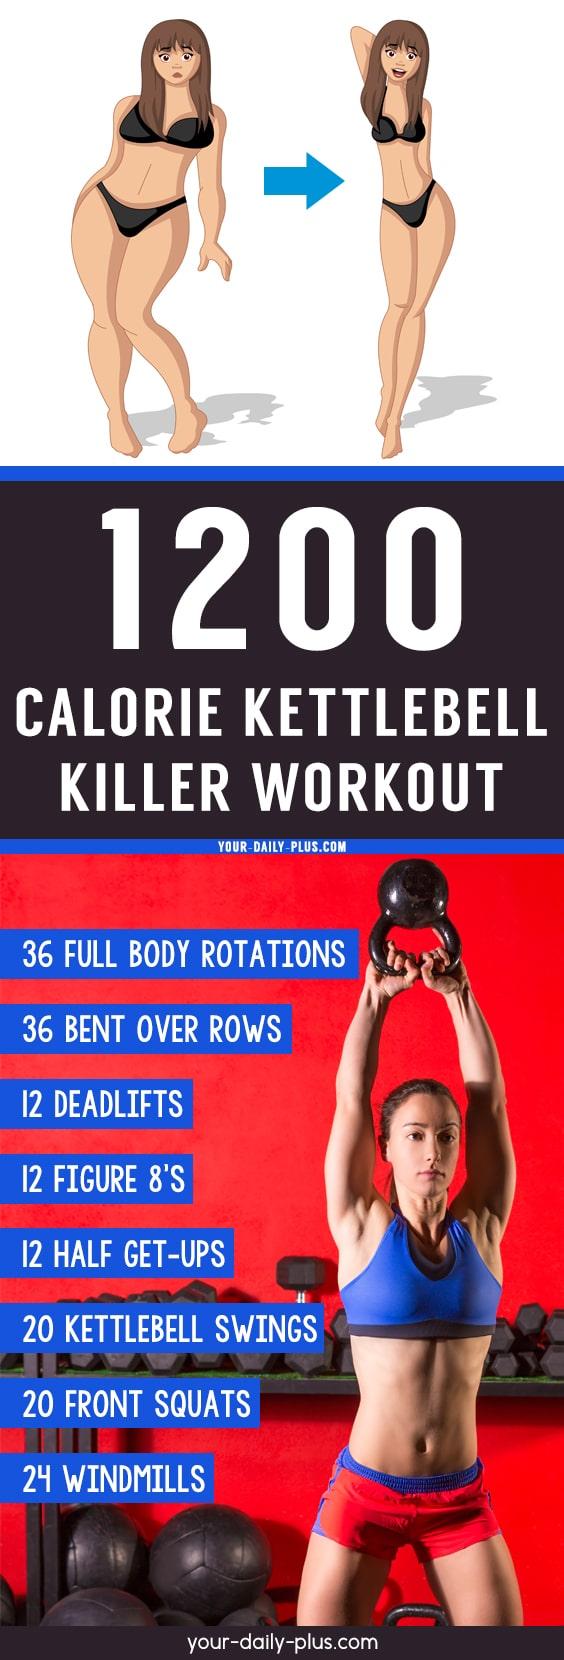 Kettlebell Killer Workout